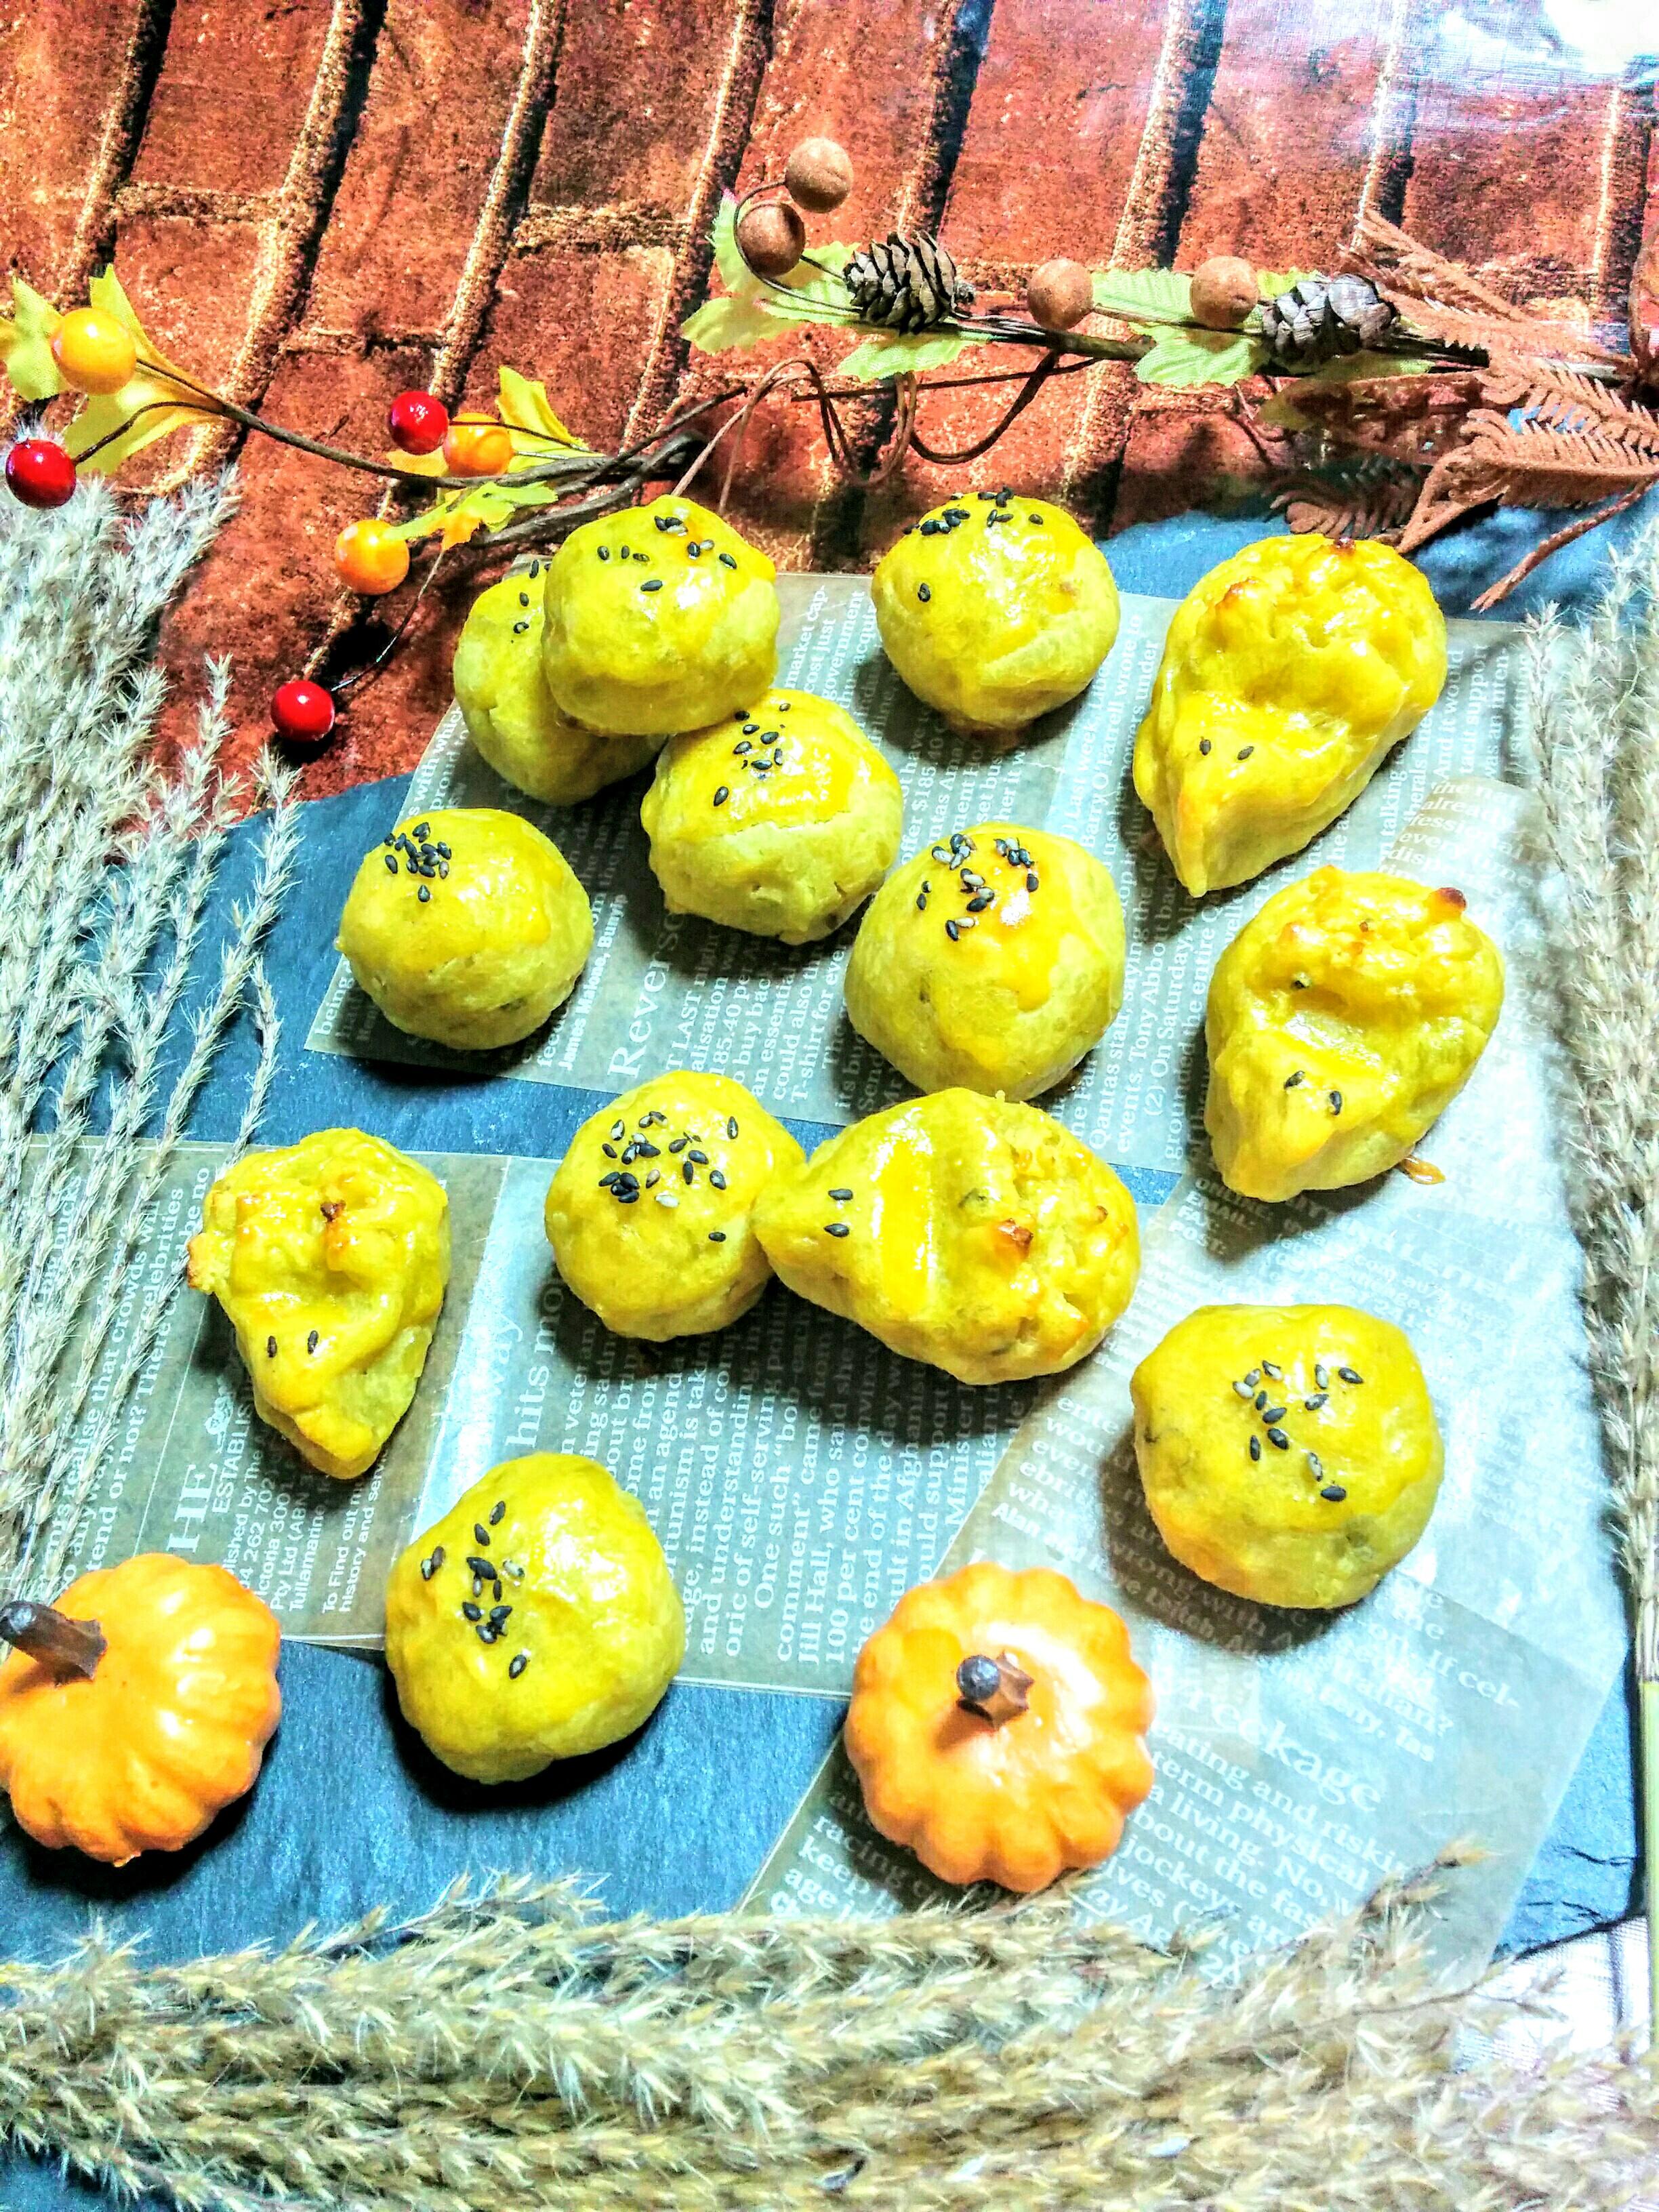 【小樽】お家御飯・焼き芋で簡単スイートポテトグルメ案内です。